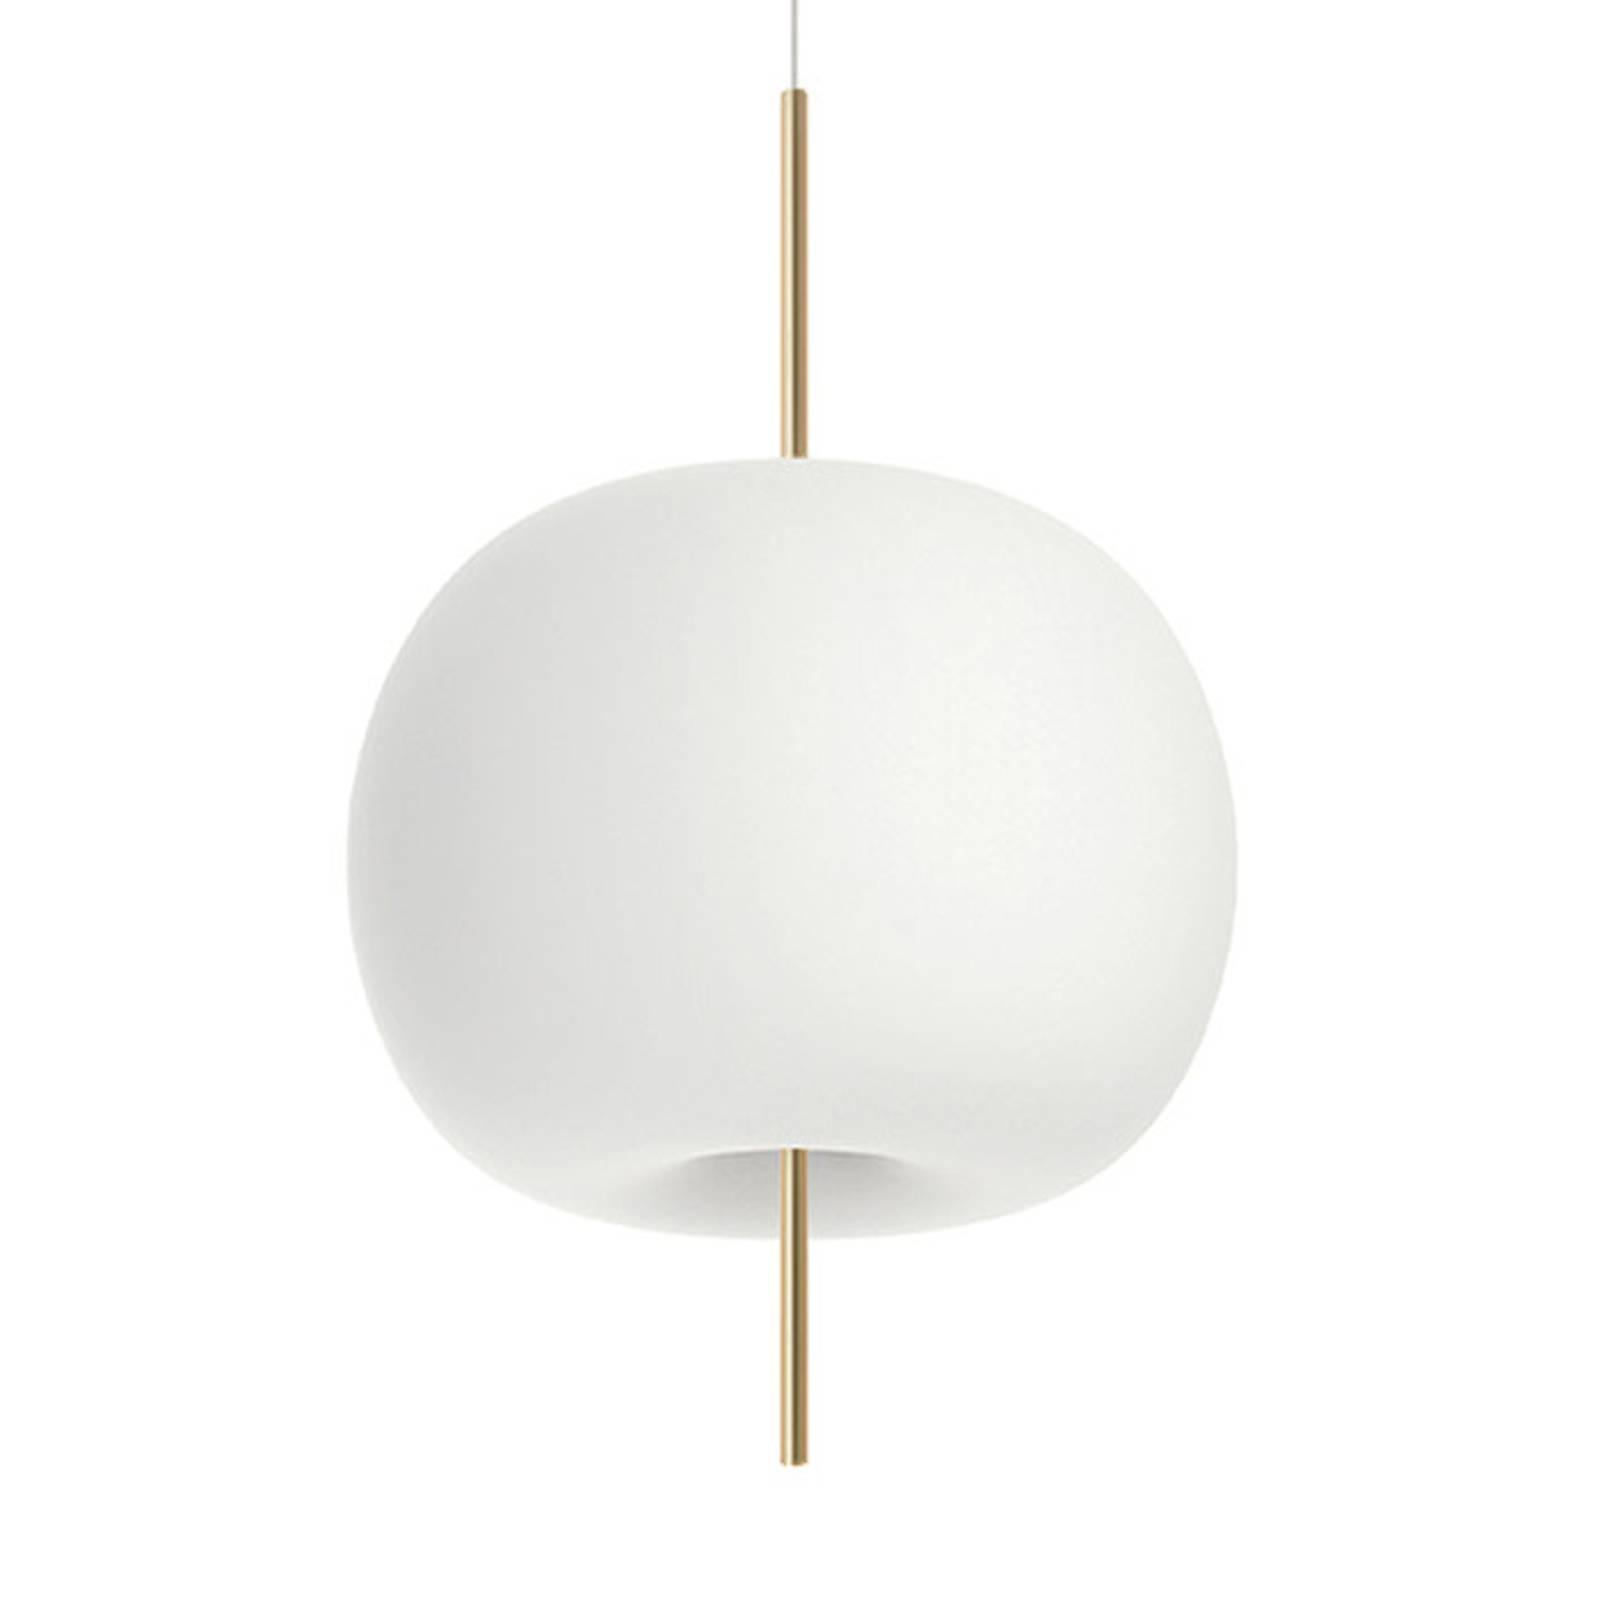 Kundalini Kushi lampa wisząca Ø 43cm mosiądz/biała